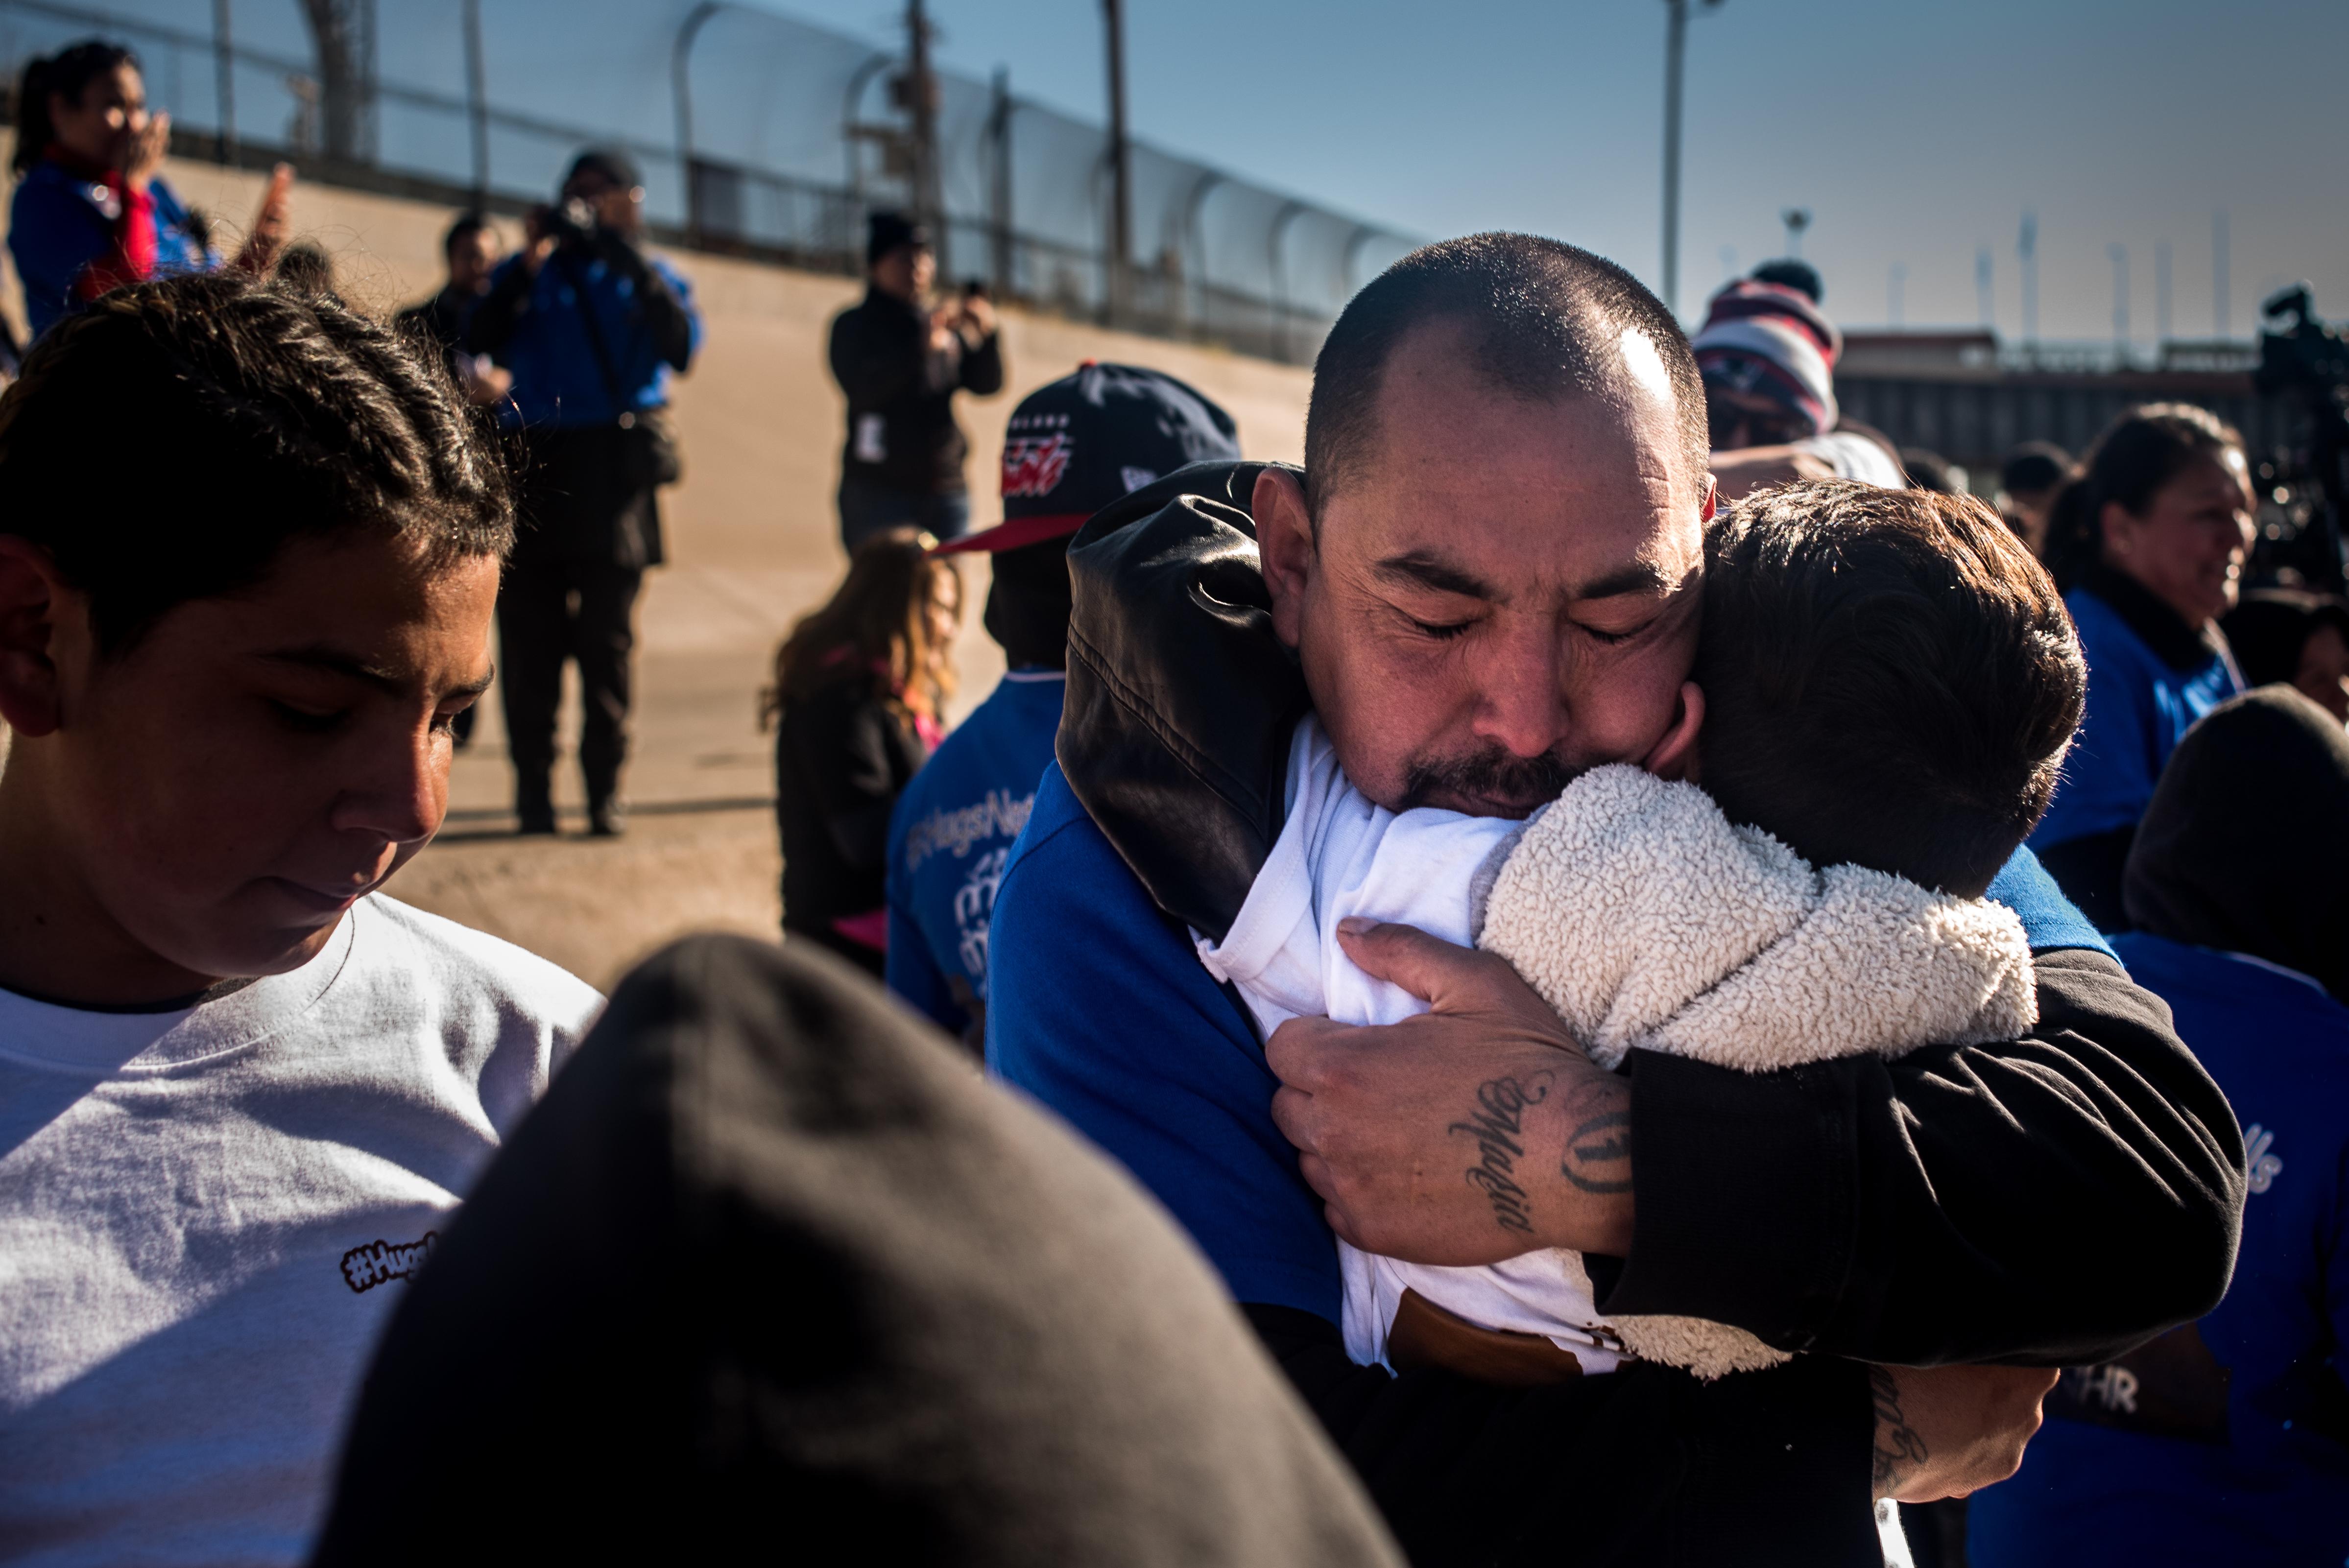 Hugs Not Walls; regresarle dignidad a las fronteras